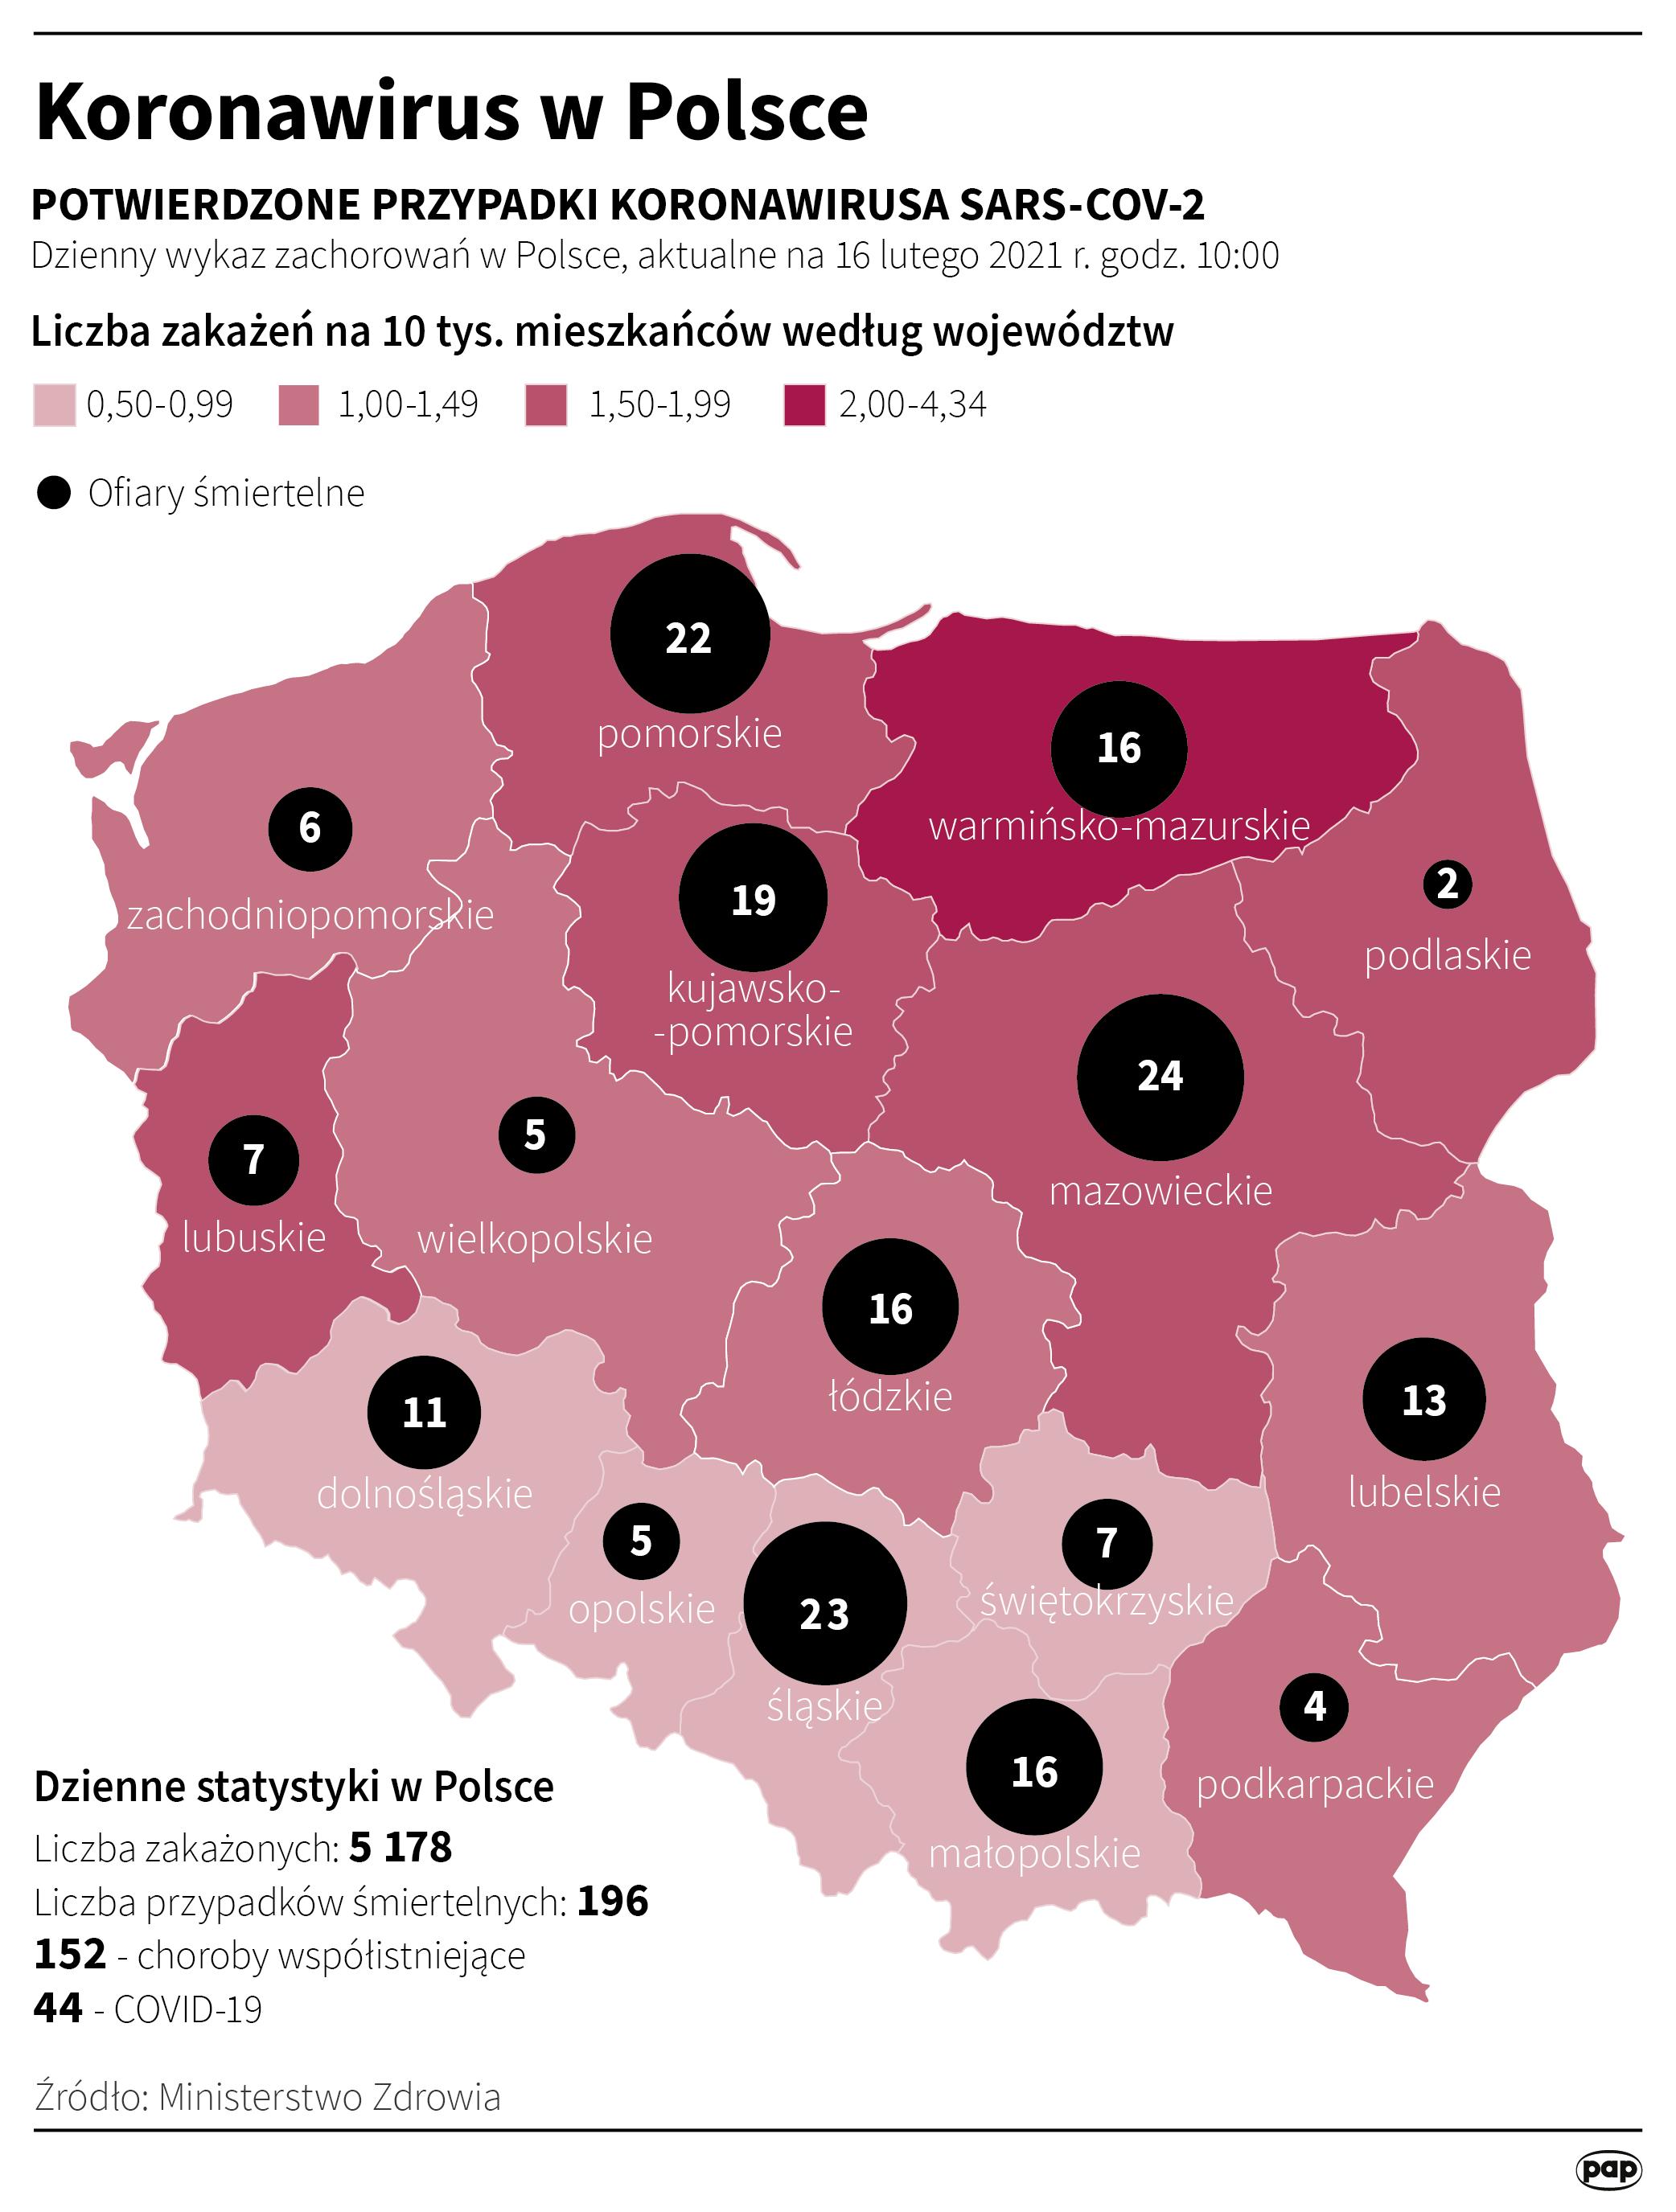 Koronawirus w Polsce stan na 16 lutego [autor: Maria Samczuk, źródło: PAP]